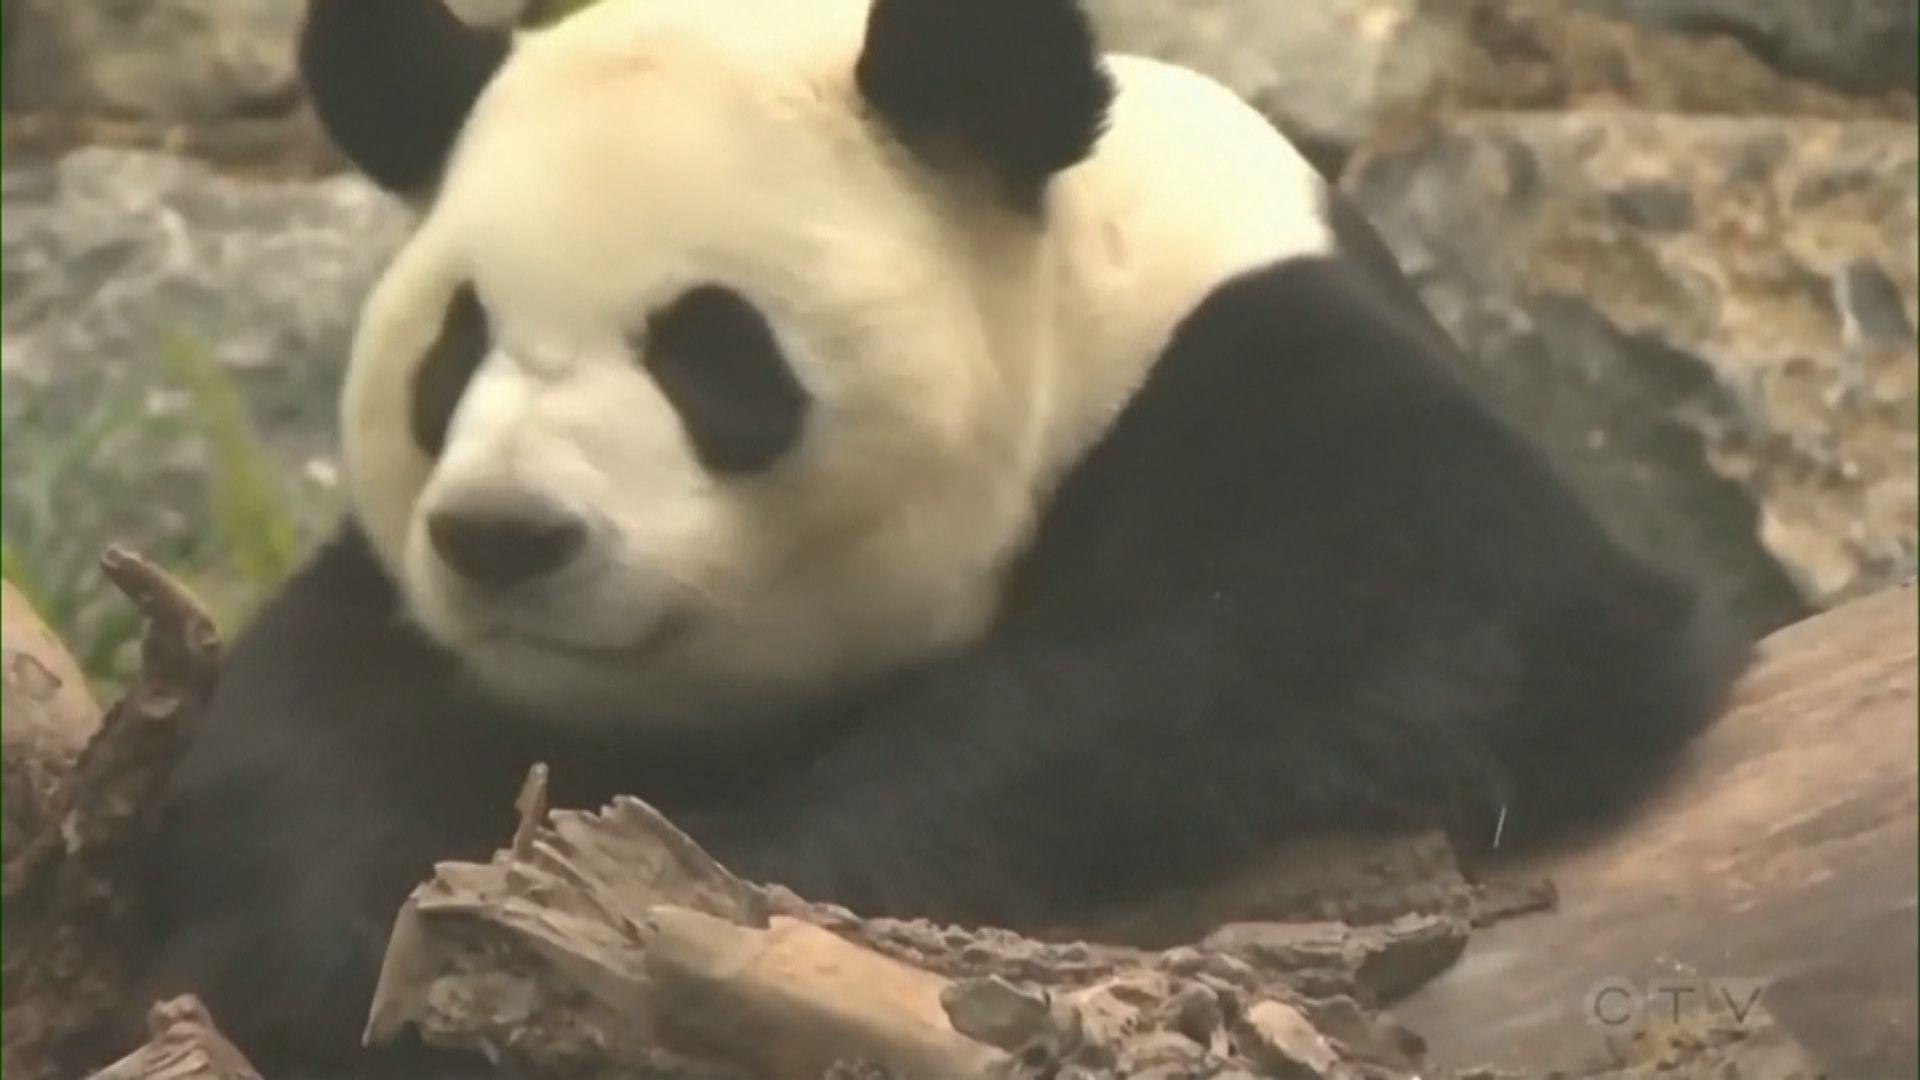 【環球薈報】疫情影響鮮竹供應 加國動物園提早送還大熊貓